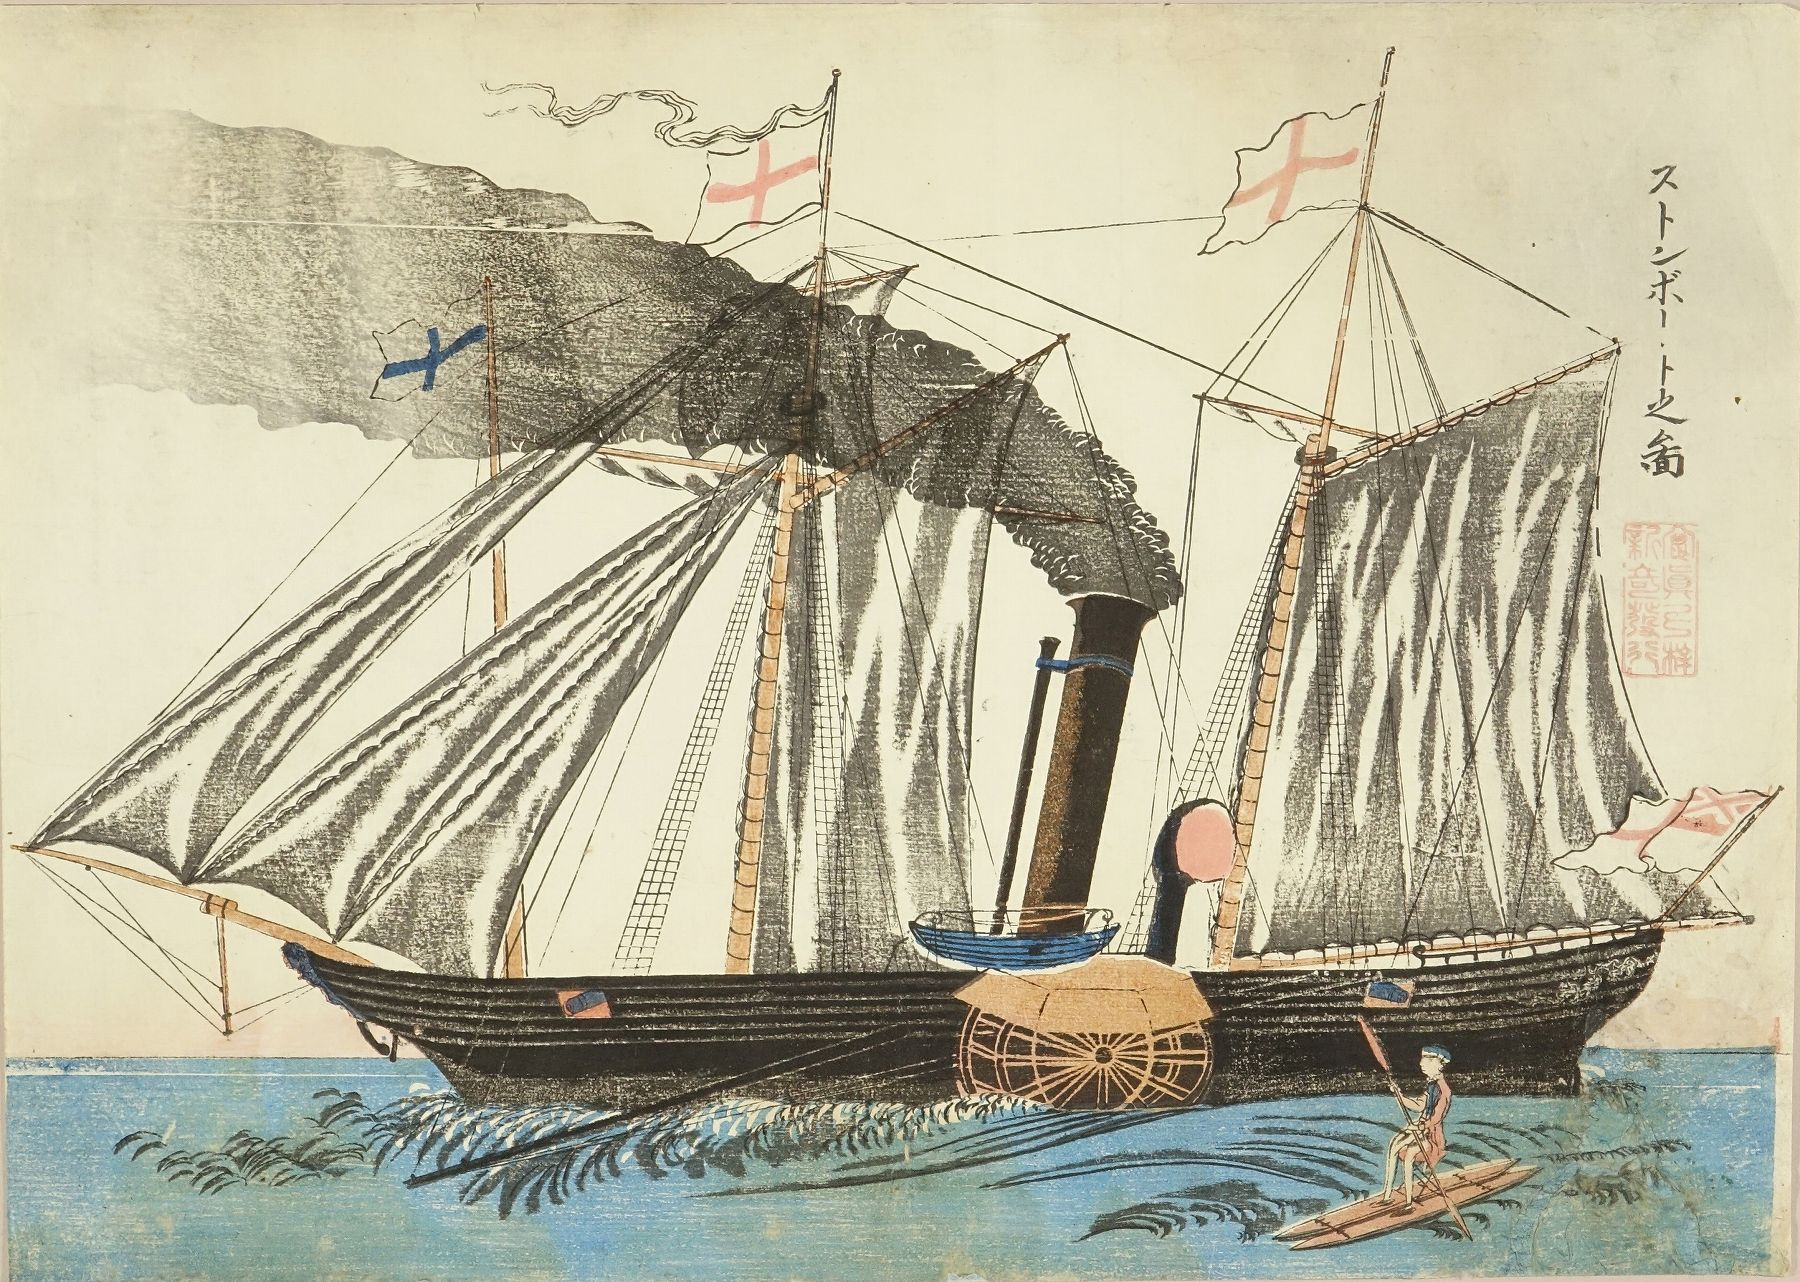 長崎版画 ストンボート之図